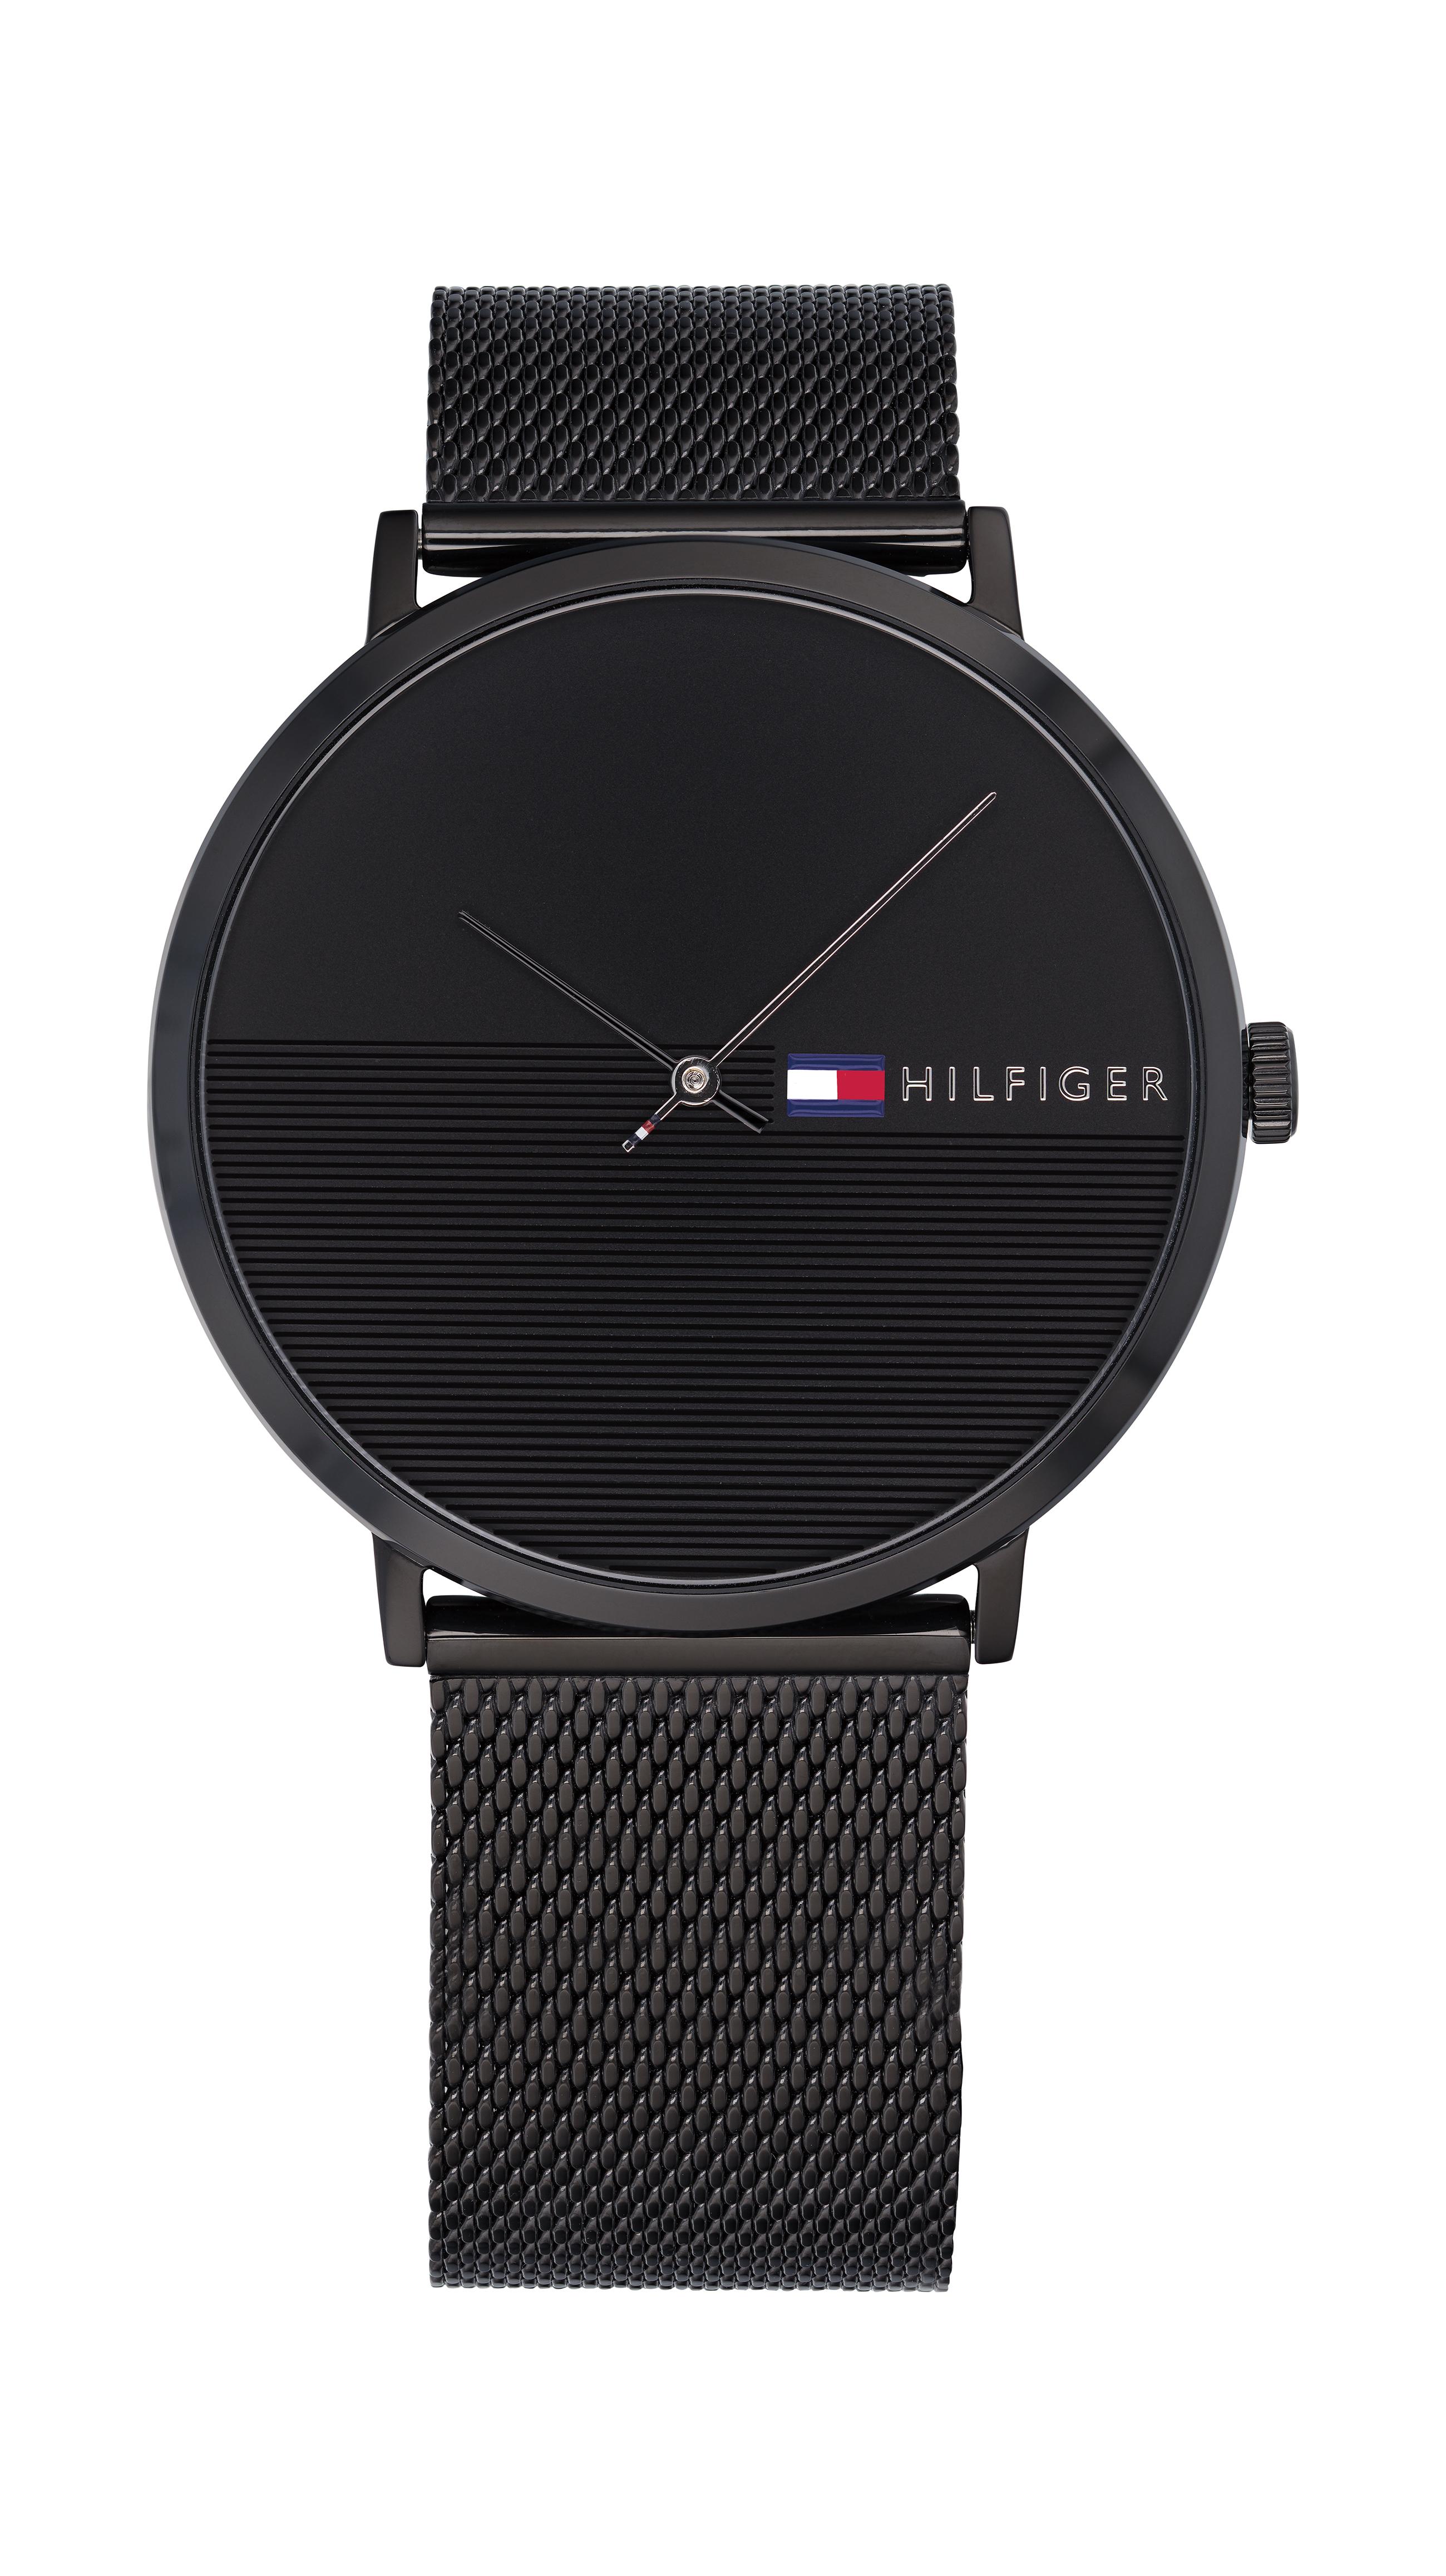 El reloj Tommy Hilfiger James es la personificación de la elegancia casual de hoy.